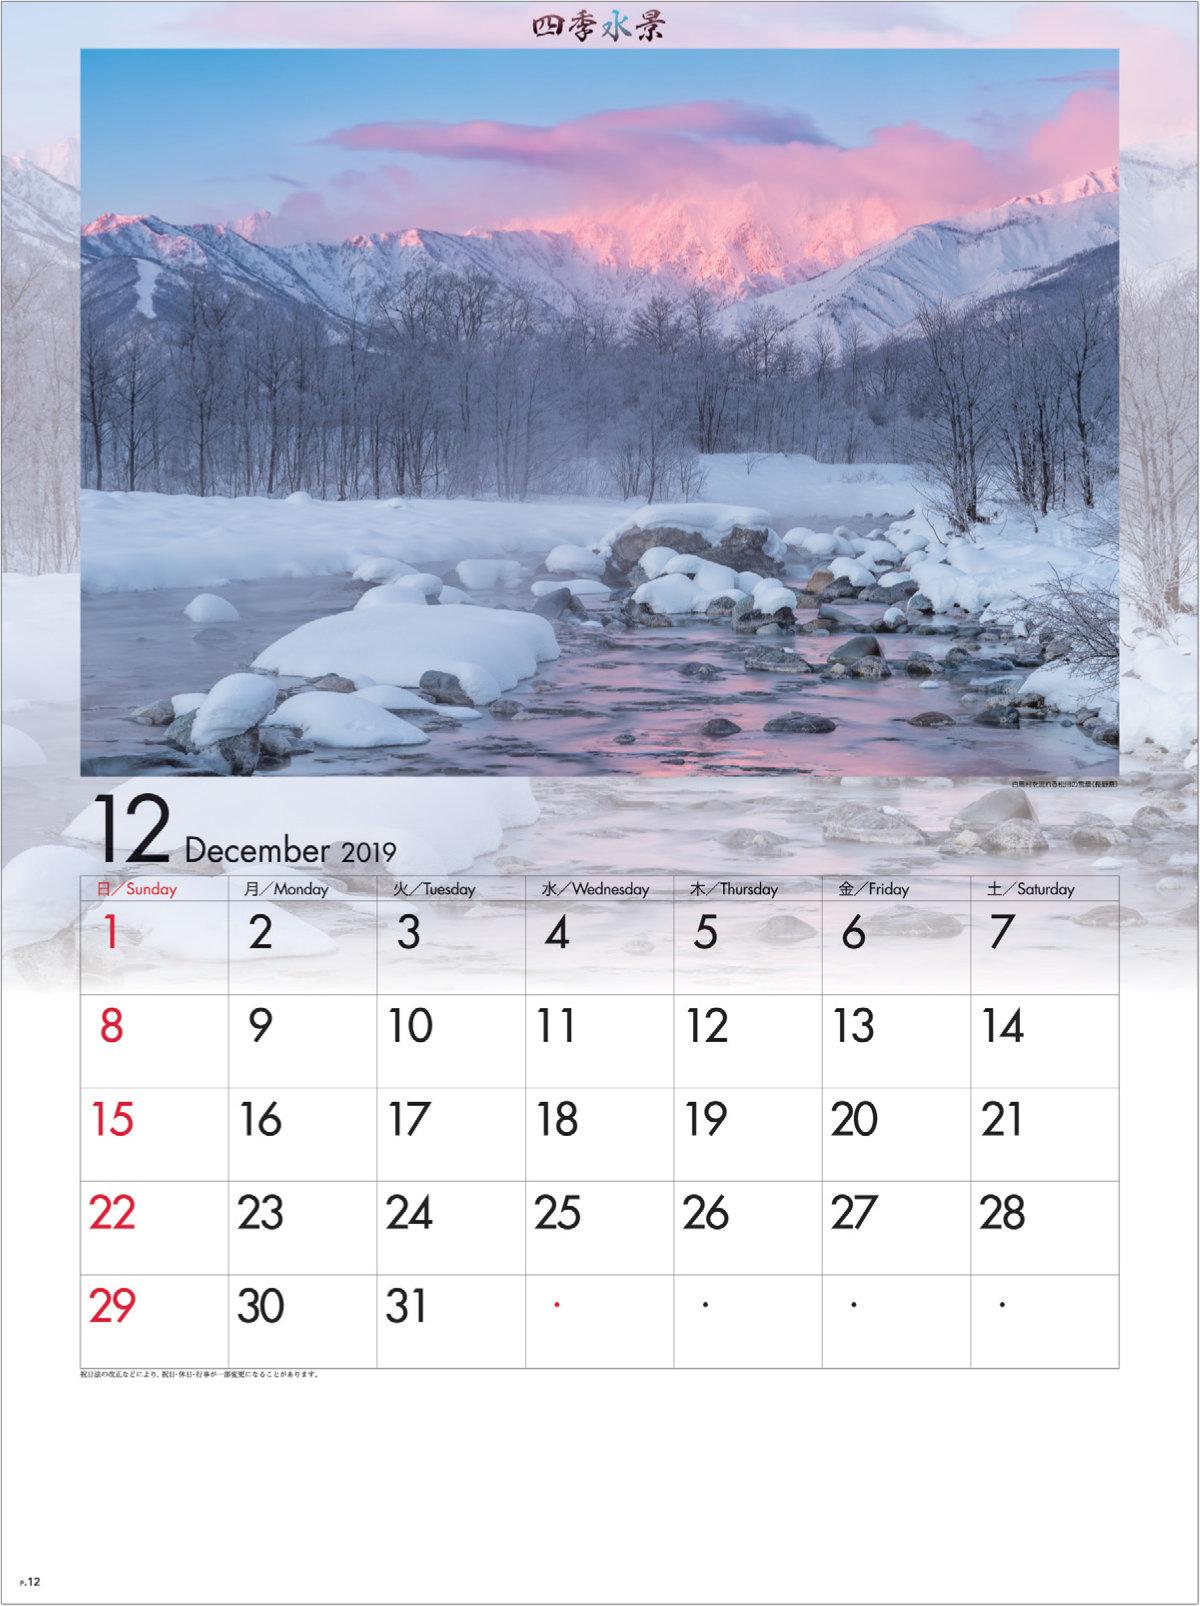 画像:長野県 白馬村の松川の雪景色 四季水景 2019年カレンダー